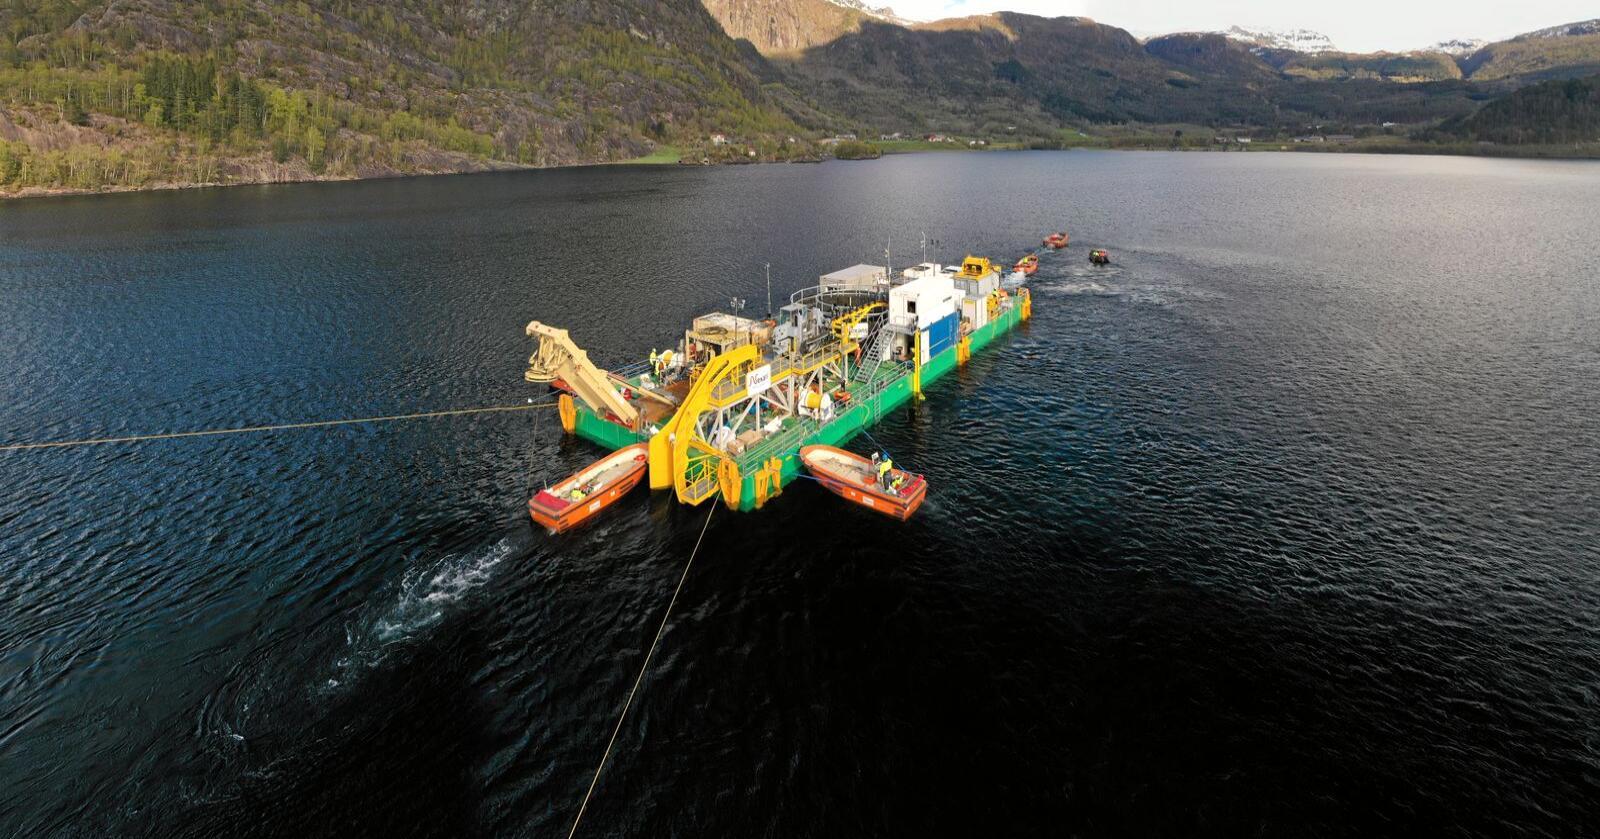 For å legge kabelen i krevende vanndybde på over 200 meter på dypeste i Suldalsvatnet brukes en spsesiallaga arbeidsplattform. Plattformen trekkes over vannet ved hjelp av arbeidsbåter. Foto: Statnett